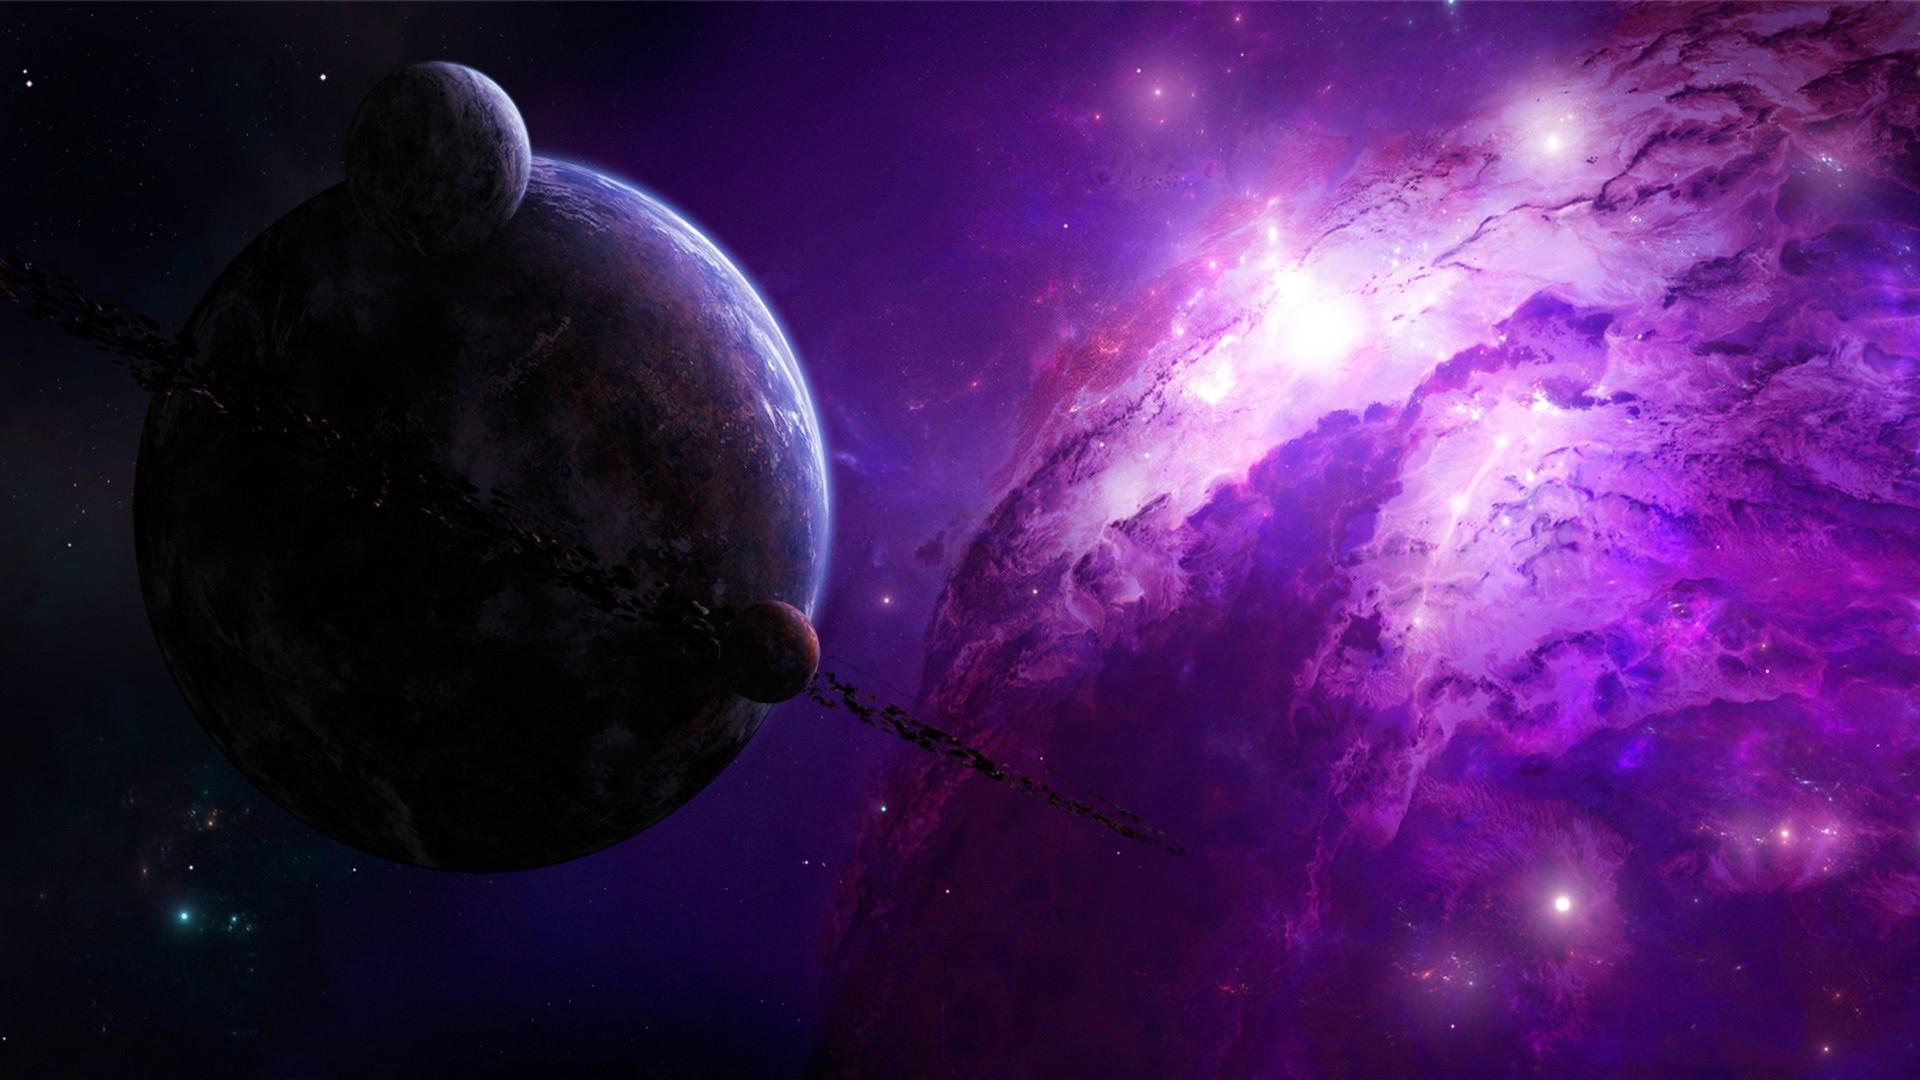 Galaxy Wallpaper HD 8186